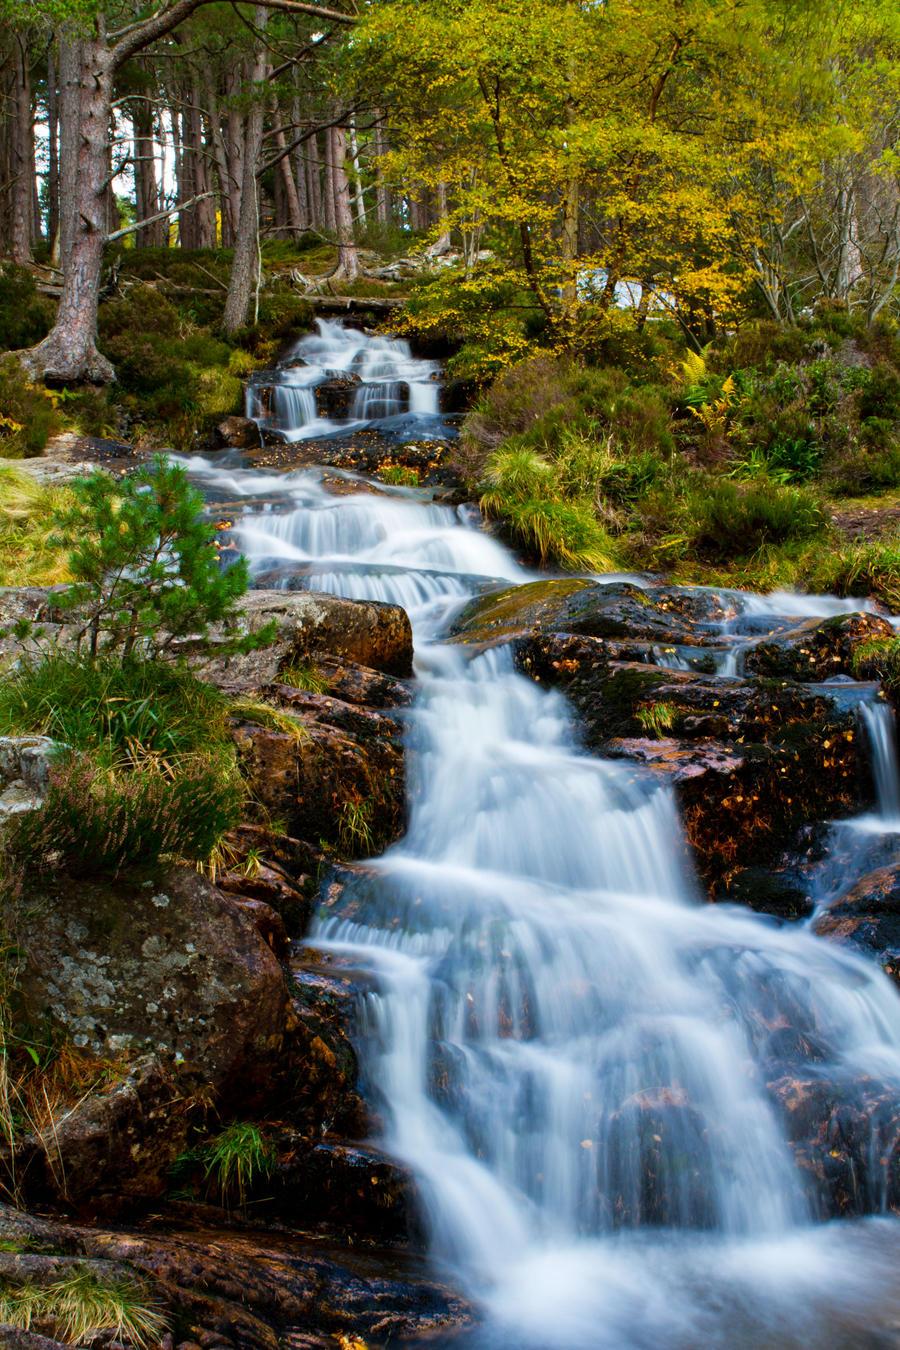 Glen Feshie Waterfall by Weevil07